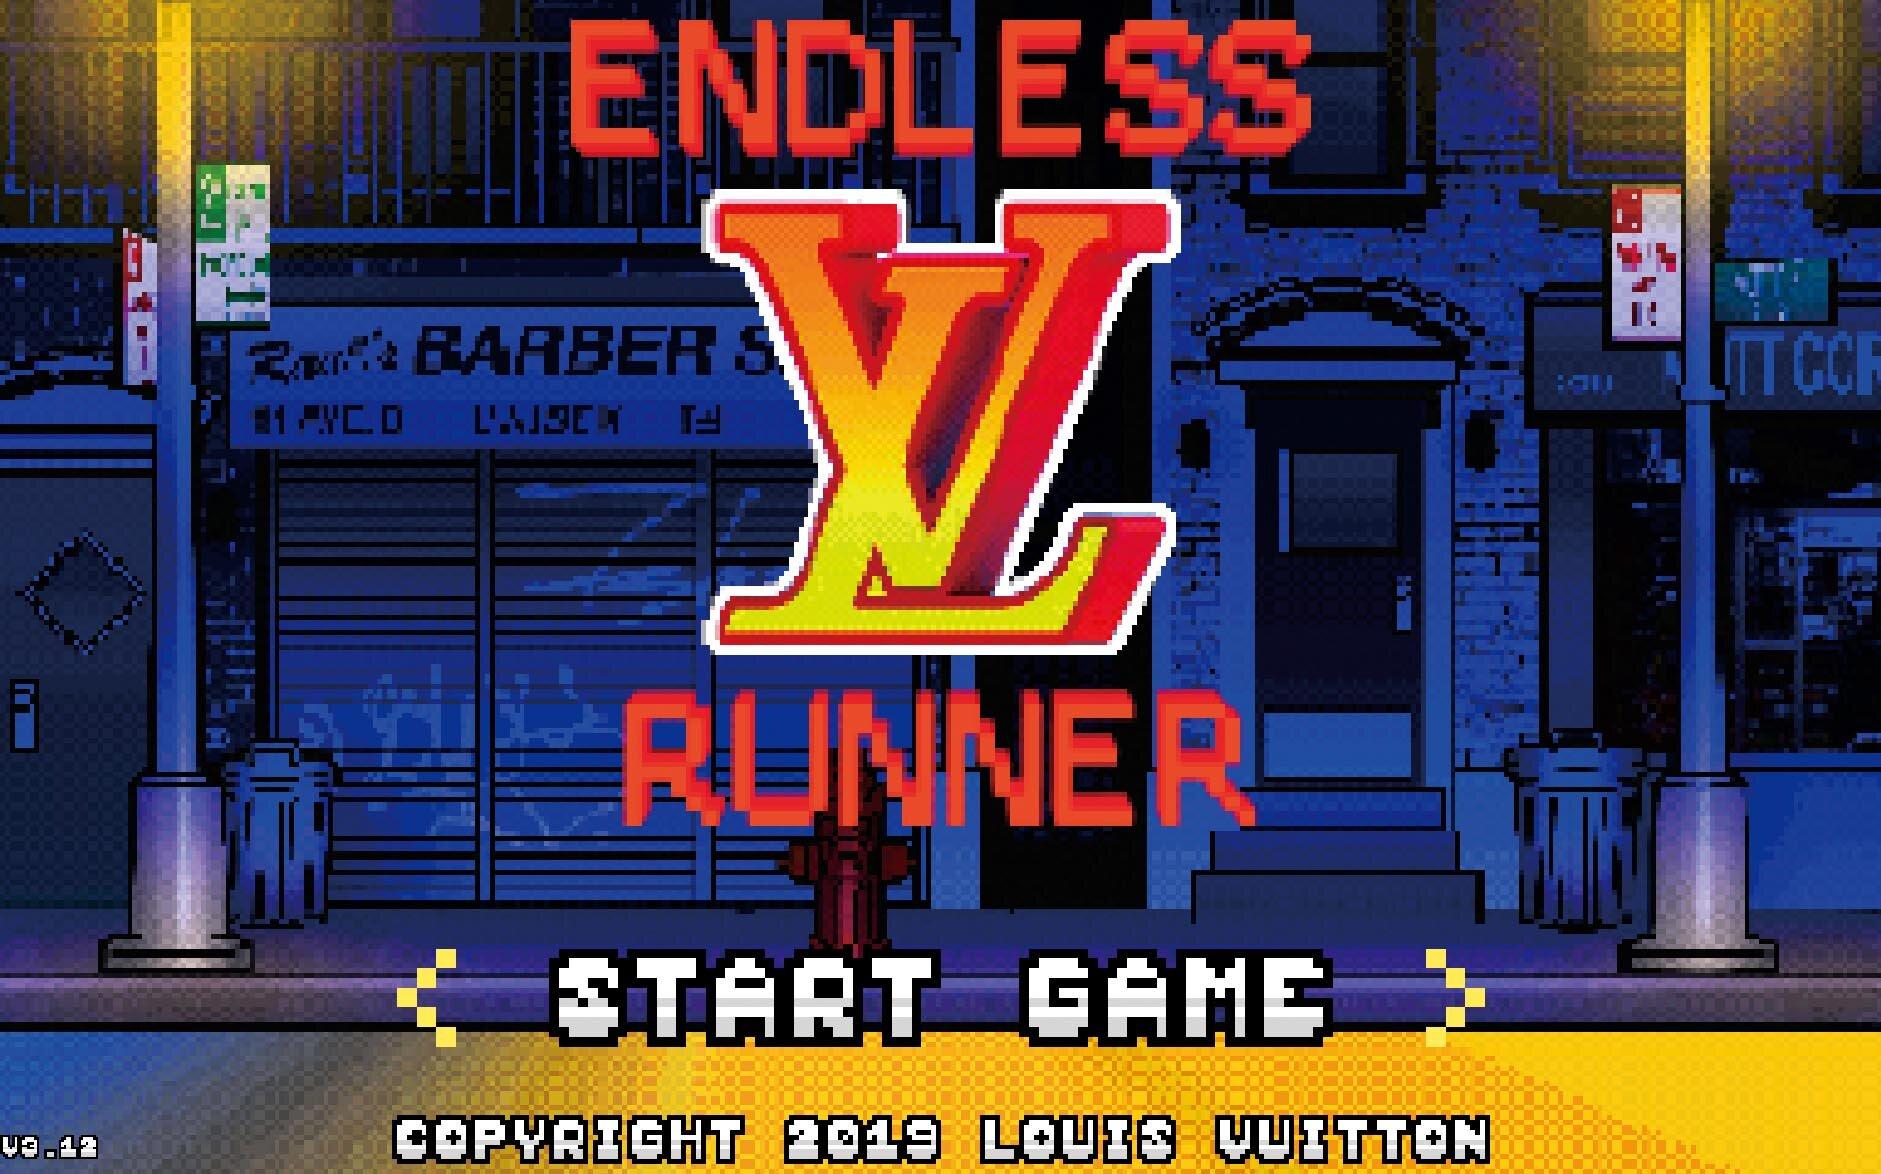 Endless Runner by Louis Vuitton